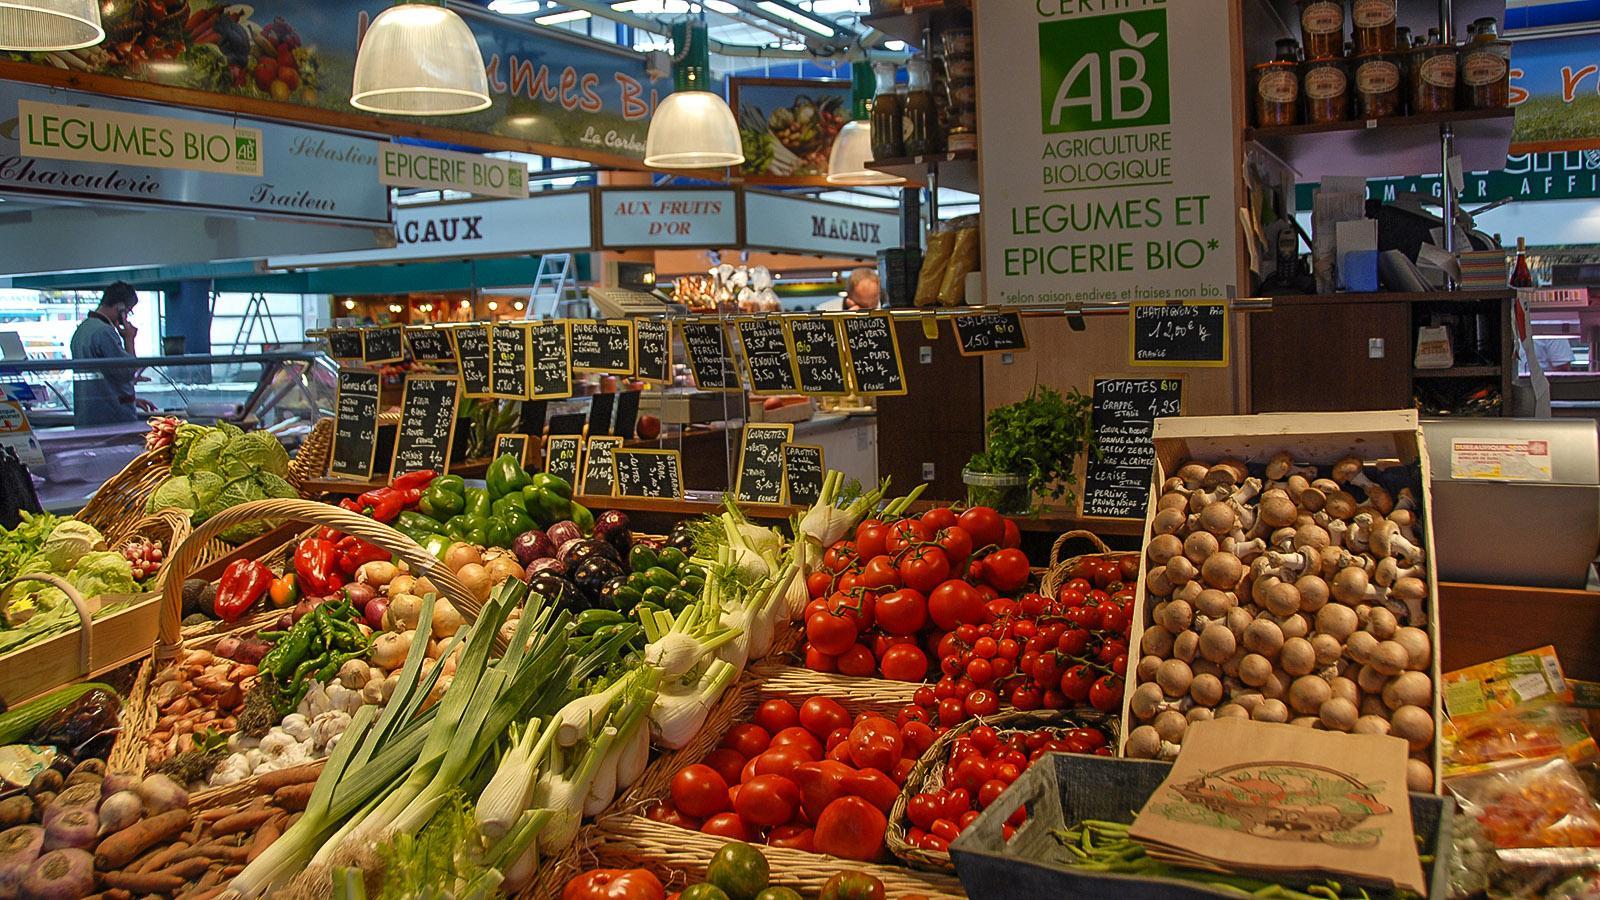 Amiens: ein Obst- und Gemüselhändler der Halles du Beffroi. Foto: Hilke Maunder